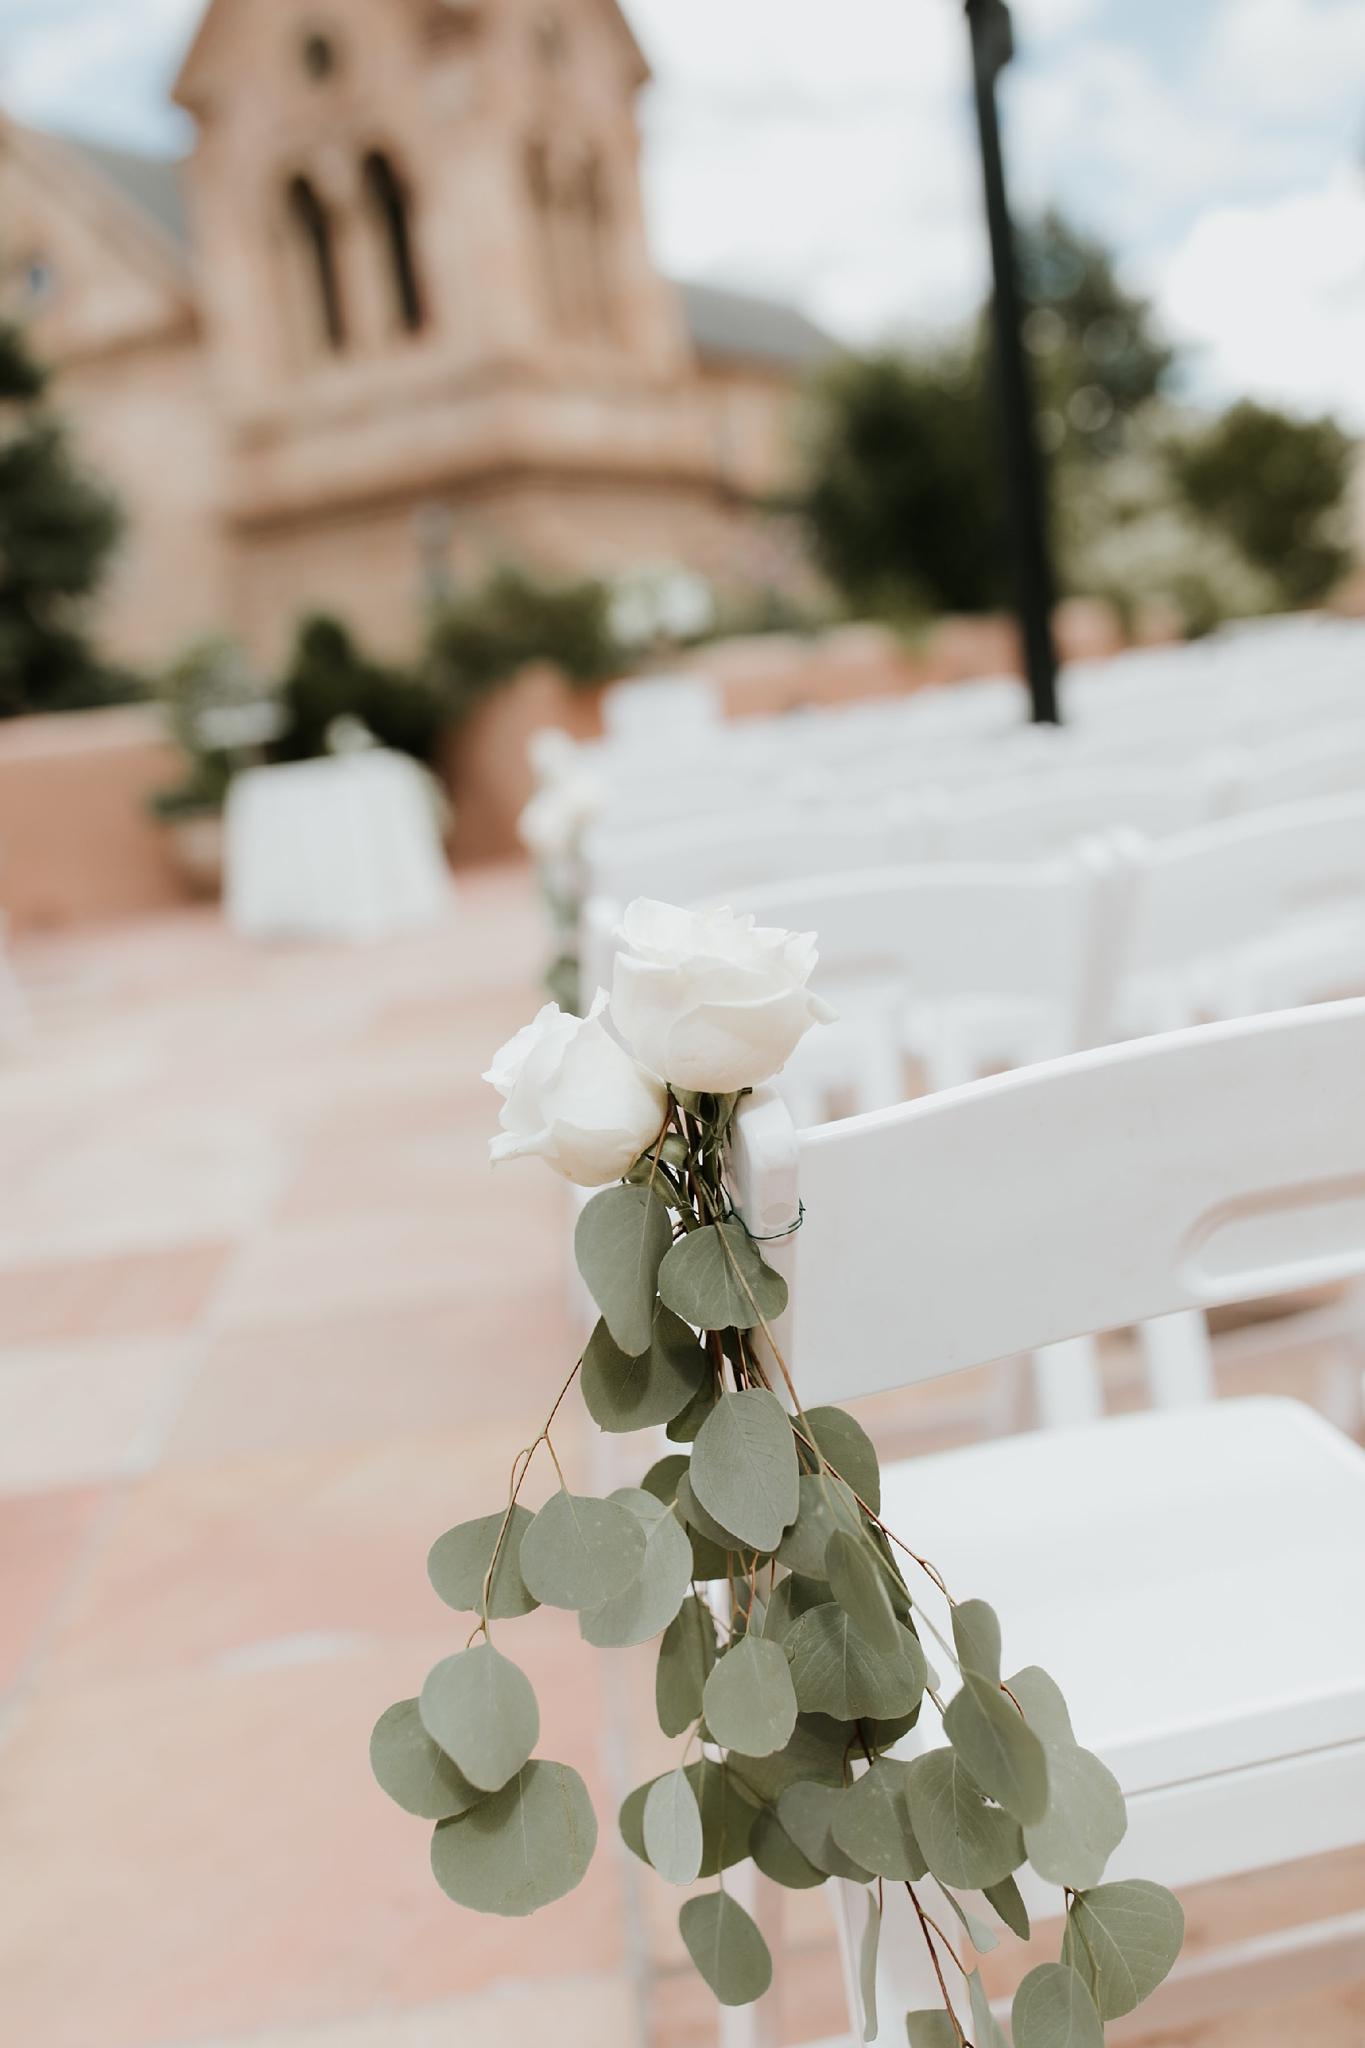 Alicia+lucia+photography+-+albuquerque+wedding+photographer+-+santa+fe+wedding+photography+-+new+mexico+wedding+photographer+-+new+mexico+wedding+-+summer+wedding+-+summer+wedding+florals+-+southwest+wedding_0031.jpg